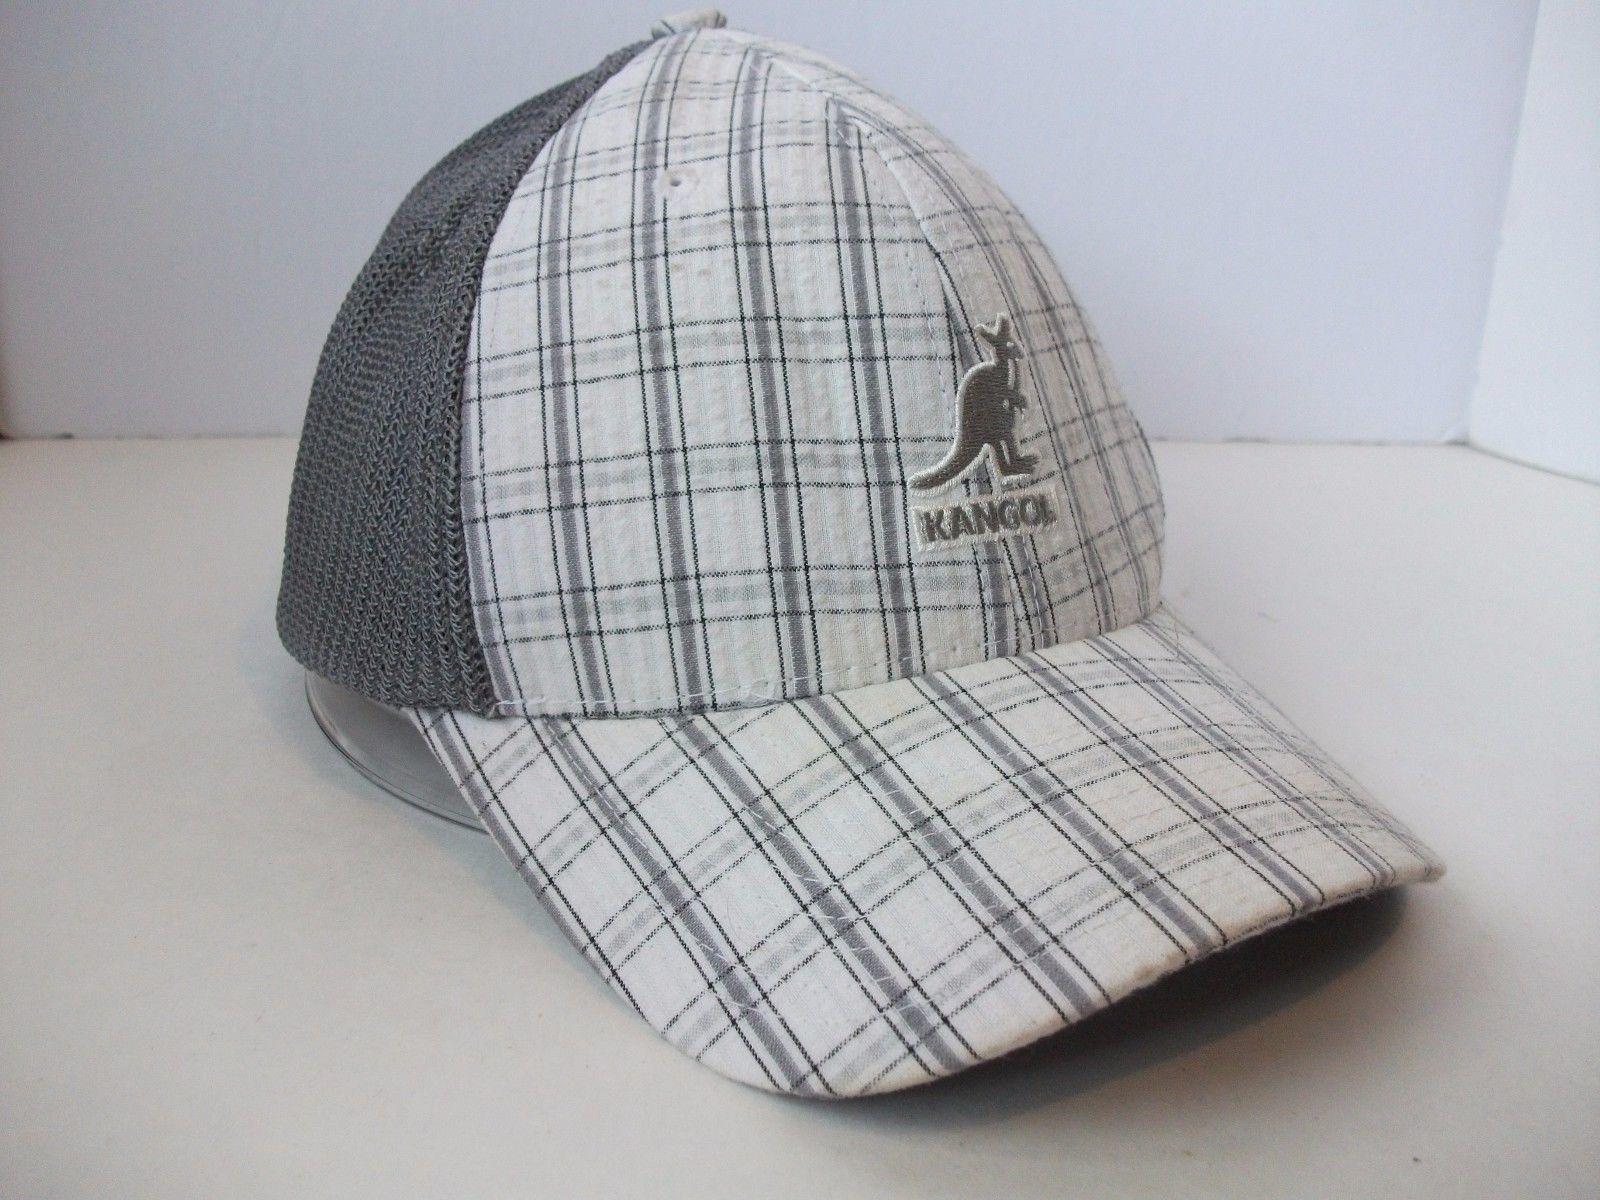 4c871f59fd7 Kangol Gray Puckered Plaid Hat L XL Trucker and 35 similar items